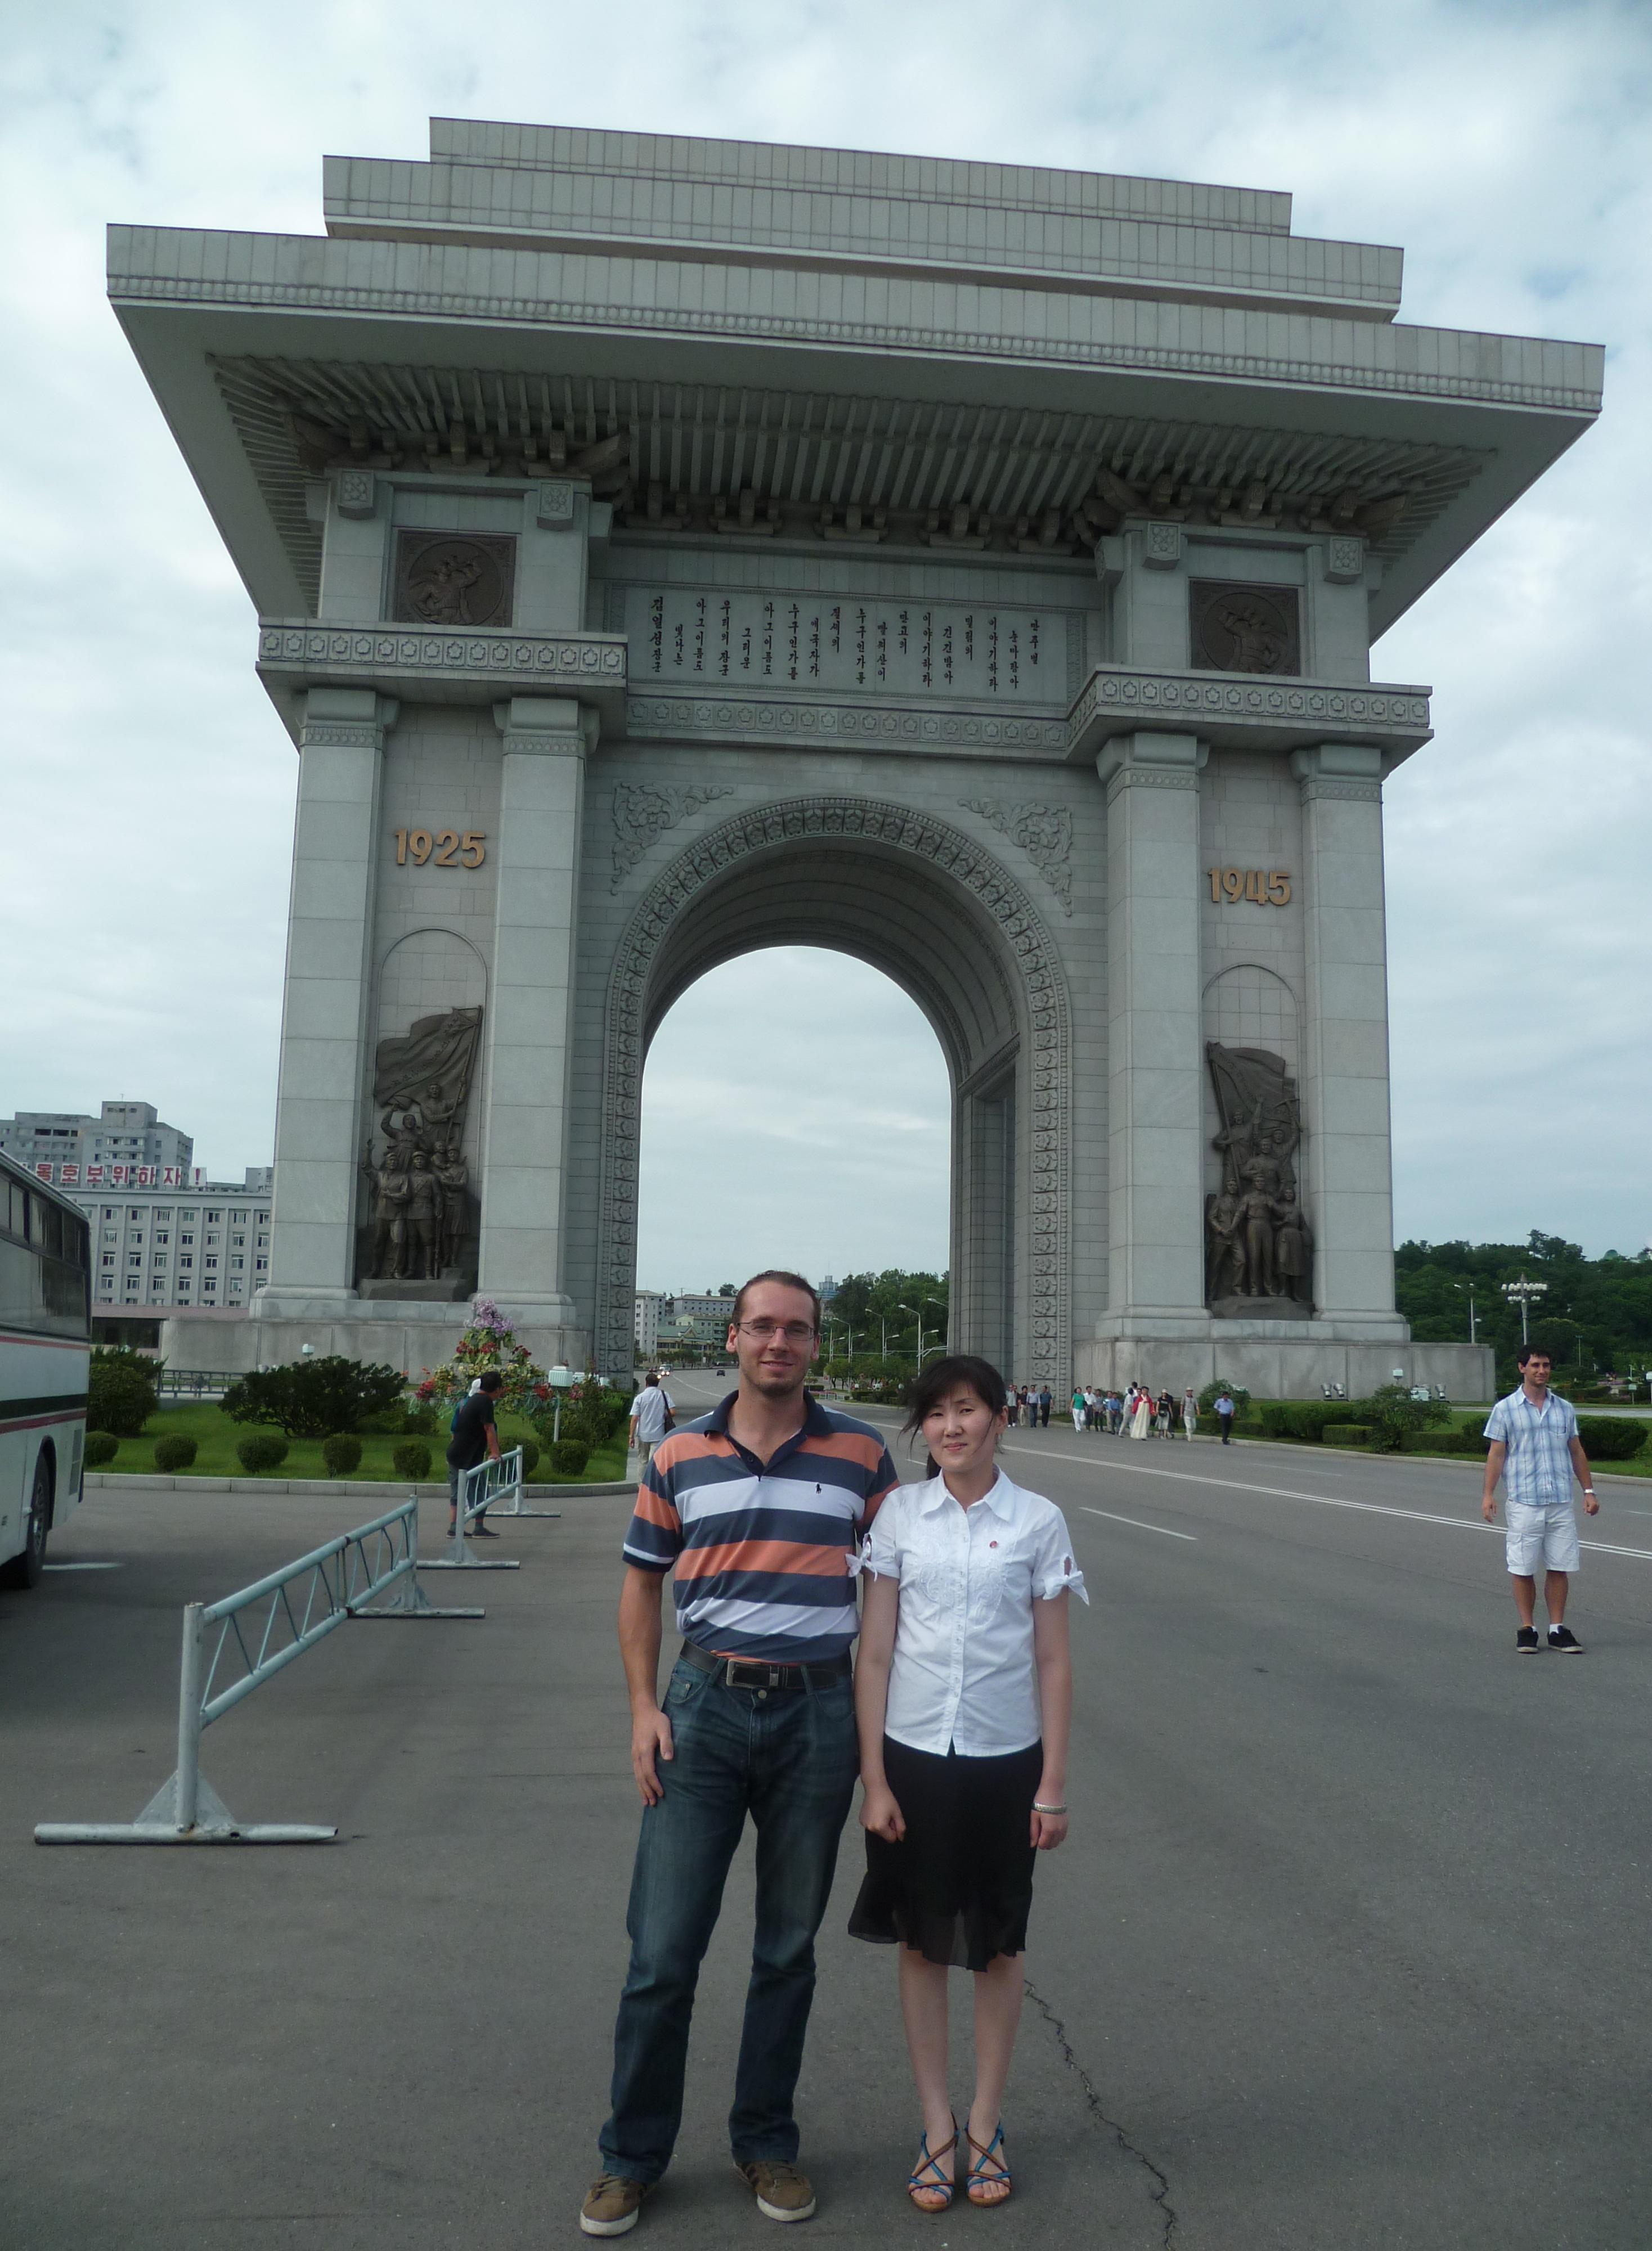 Arc de triomphe - coree du nord